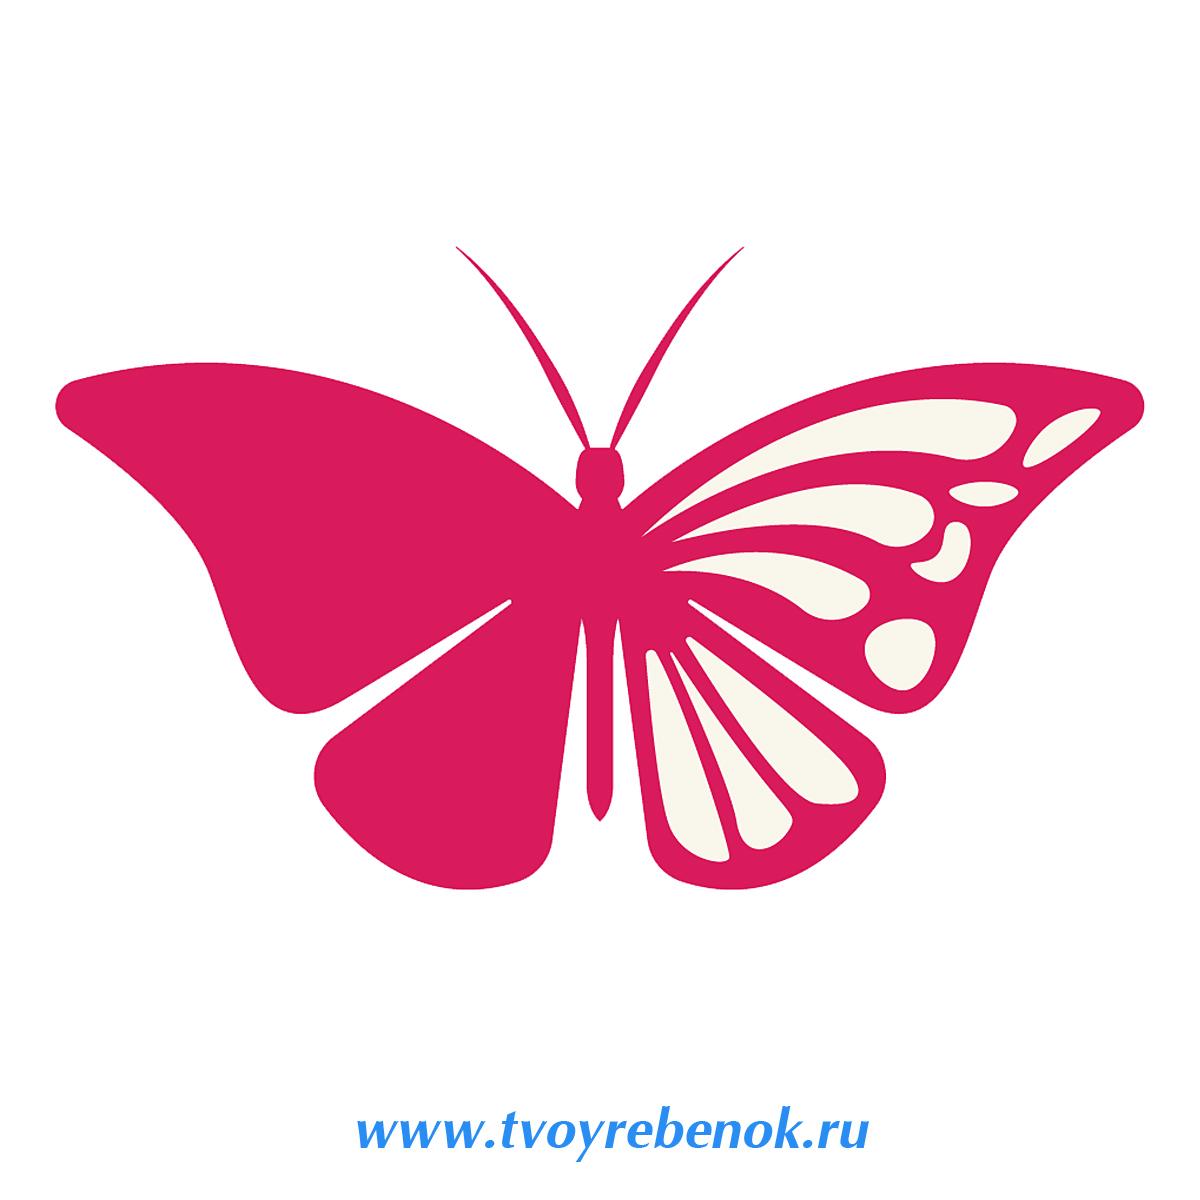 Бабочки для декора своими руками : из бумаги, объемные, трафареты 15